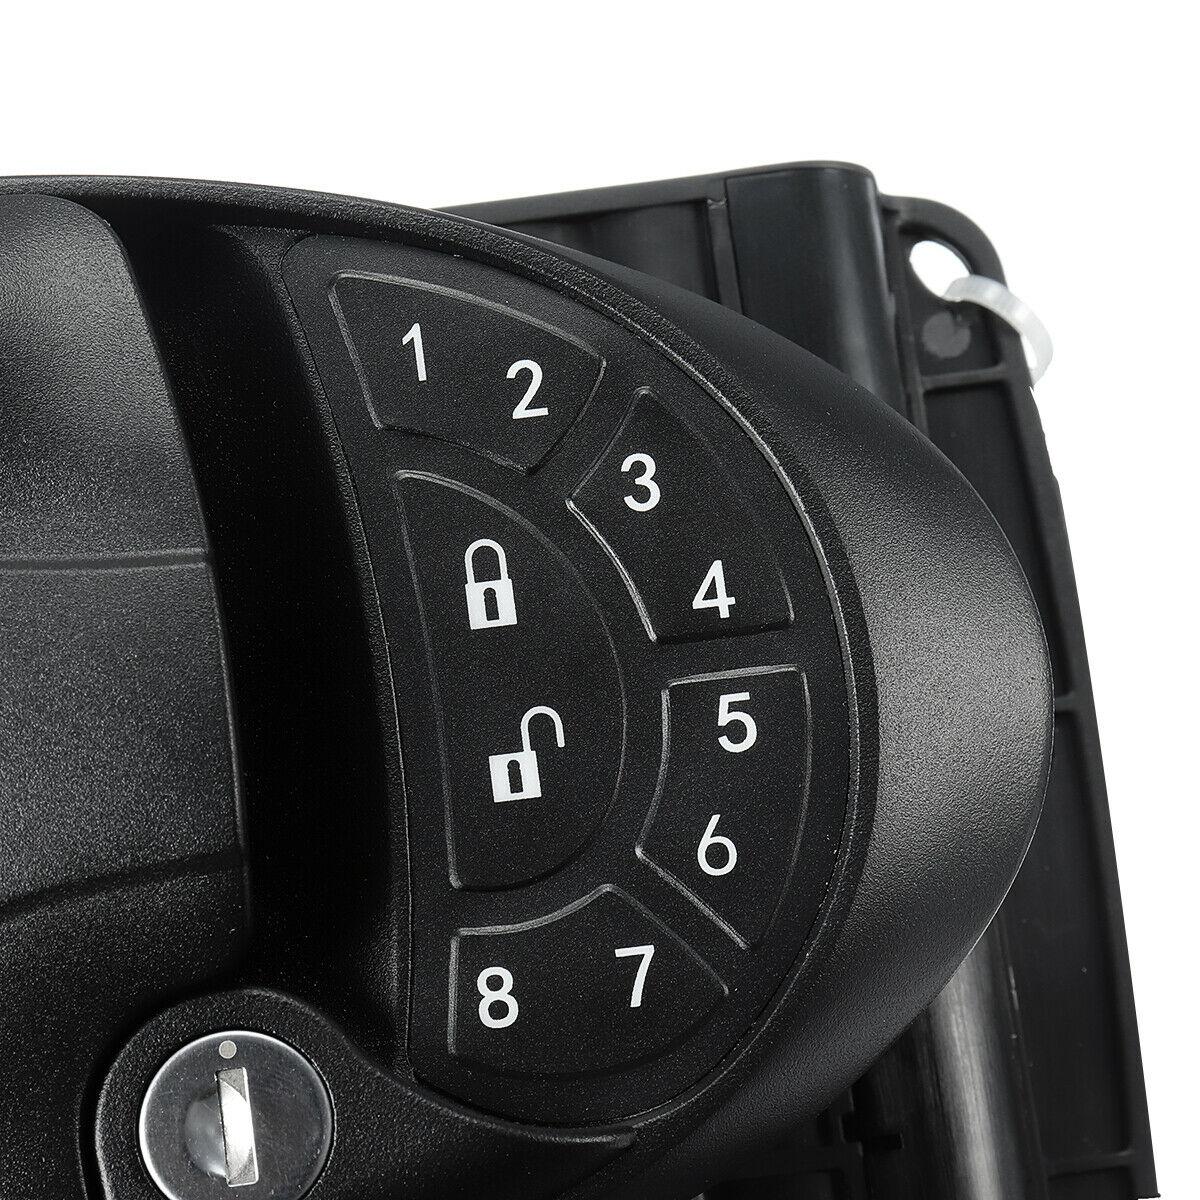 Bouton de poignée de verrouillage de porte d'entrée sans clé RV